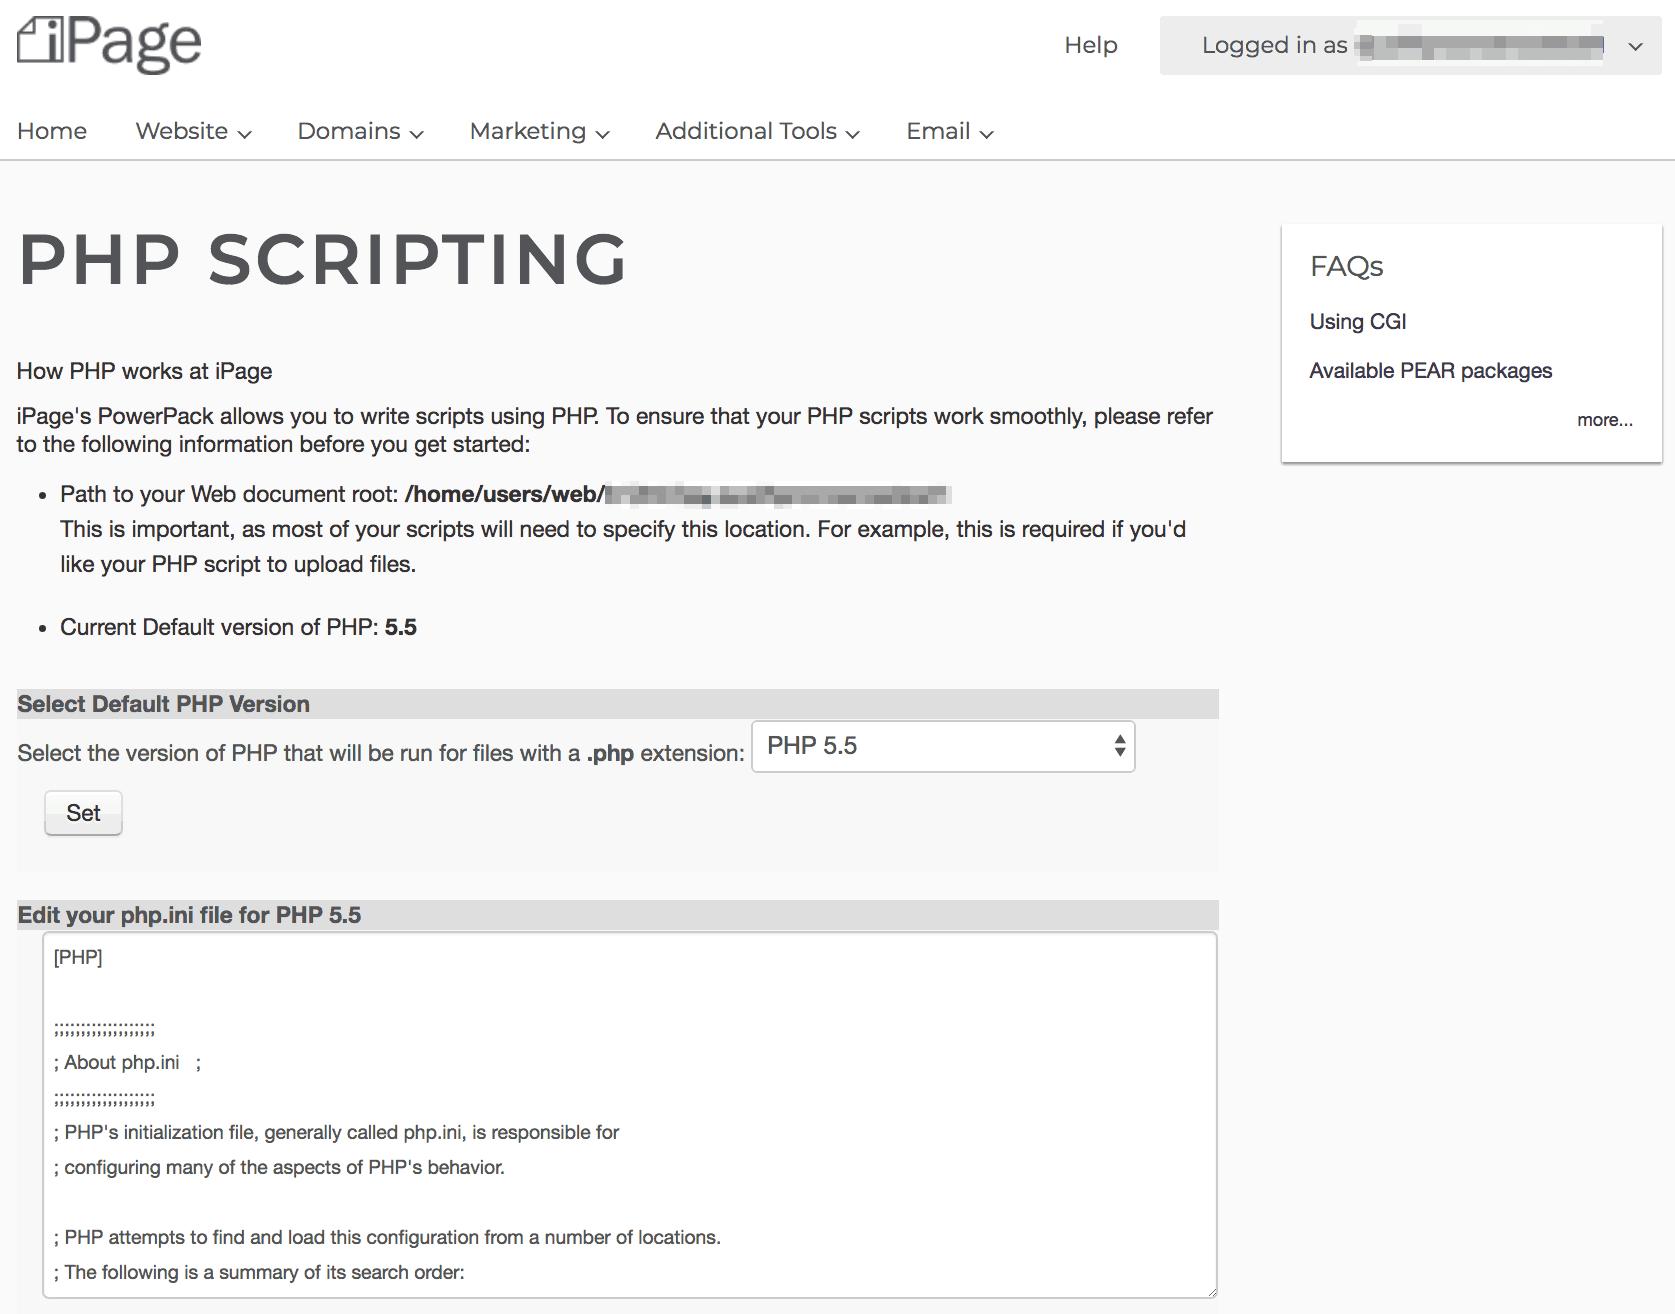 iPage's PHP panel. Image via WhoIsHostingThis